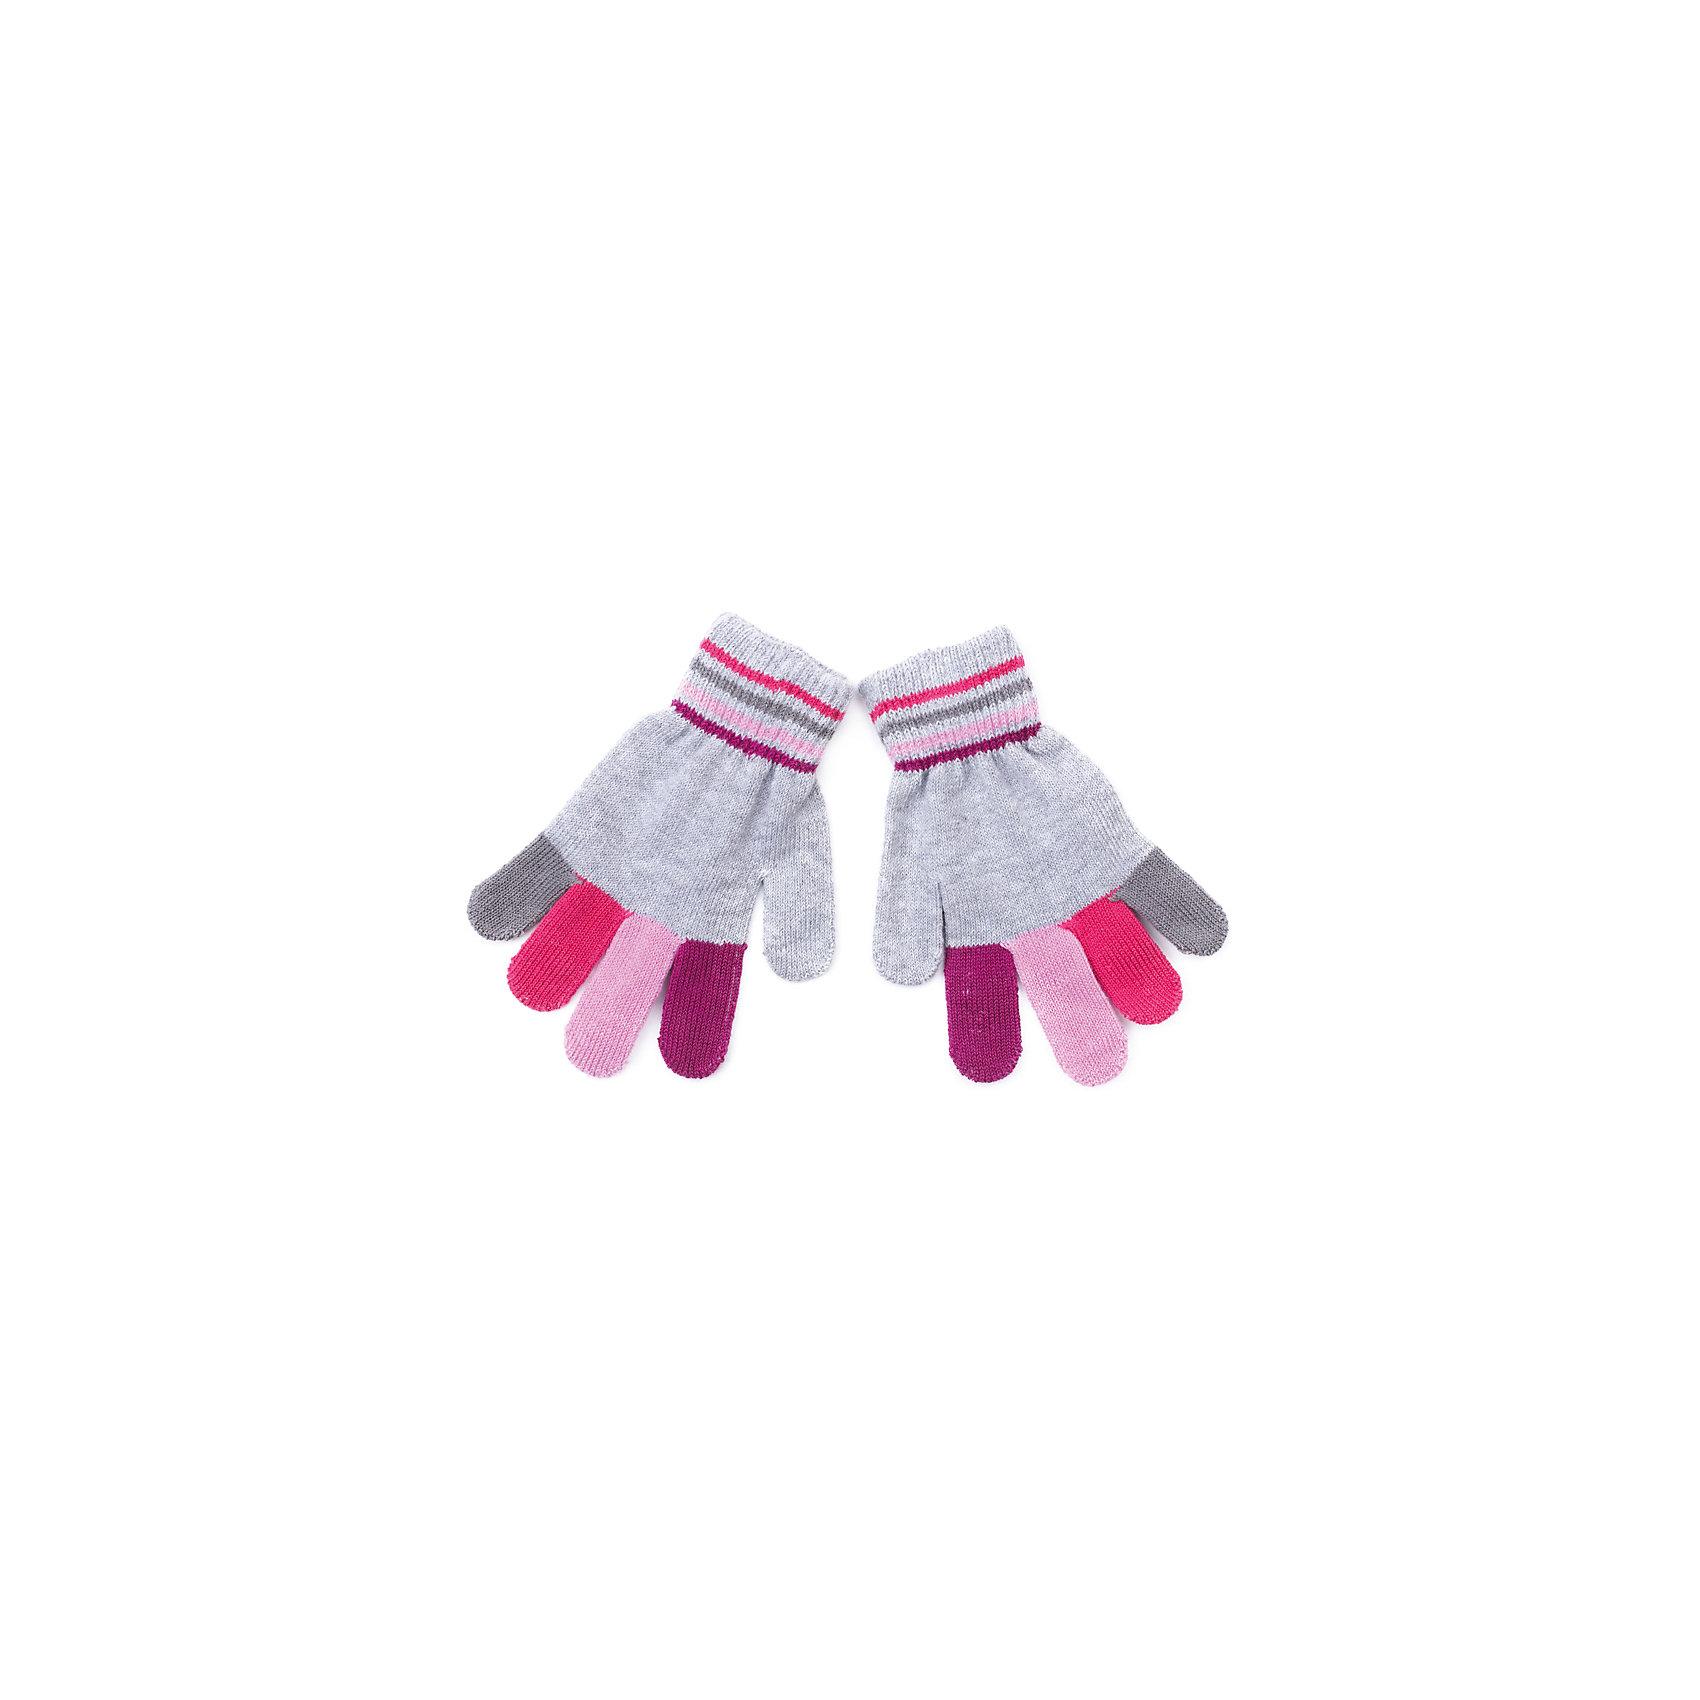 Перчатки для девочки PlayTodayПерчатки, варежки<br>Перчатки для девочки PlayToday<br>Вязаные перчатки станут идеальным вариантом для прохладной погоды. Они очень мягкие, хорошо тянутся. Метод вязки - yarn dyed - в процессе производства в полотне используются разного цвета нити. Тем самым изделие, при рекомендуемом уходе, не линяет и надолго остается в прежнем виде, это определенный знак качества. В этих перчатках ребенок будет чувствовать себя очень комфортно <br><br>Преимущества: <br><br>Метод производства - YARN DYED<br>На манжетах плотная резинка<br>Прекрасно сохраняют тепло<br><br>Состав:<br>80% хлопок, 18% нейлон, 2% эластан<br><br>Ширина мм: 162<br>Глубина мм: 171<br>Высота мм: 55<br>Вес г: 119<br>Цвет: разноцветный<br>Возраст от месяцев: 36<br>Возраст до месяцев: 48<br>Пол: Женский<br>Возраст: Детский<br>Размер: 15,13,14<br>SKU: 5404218